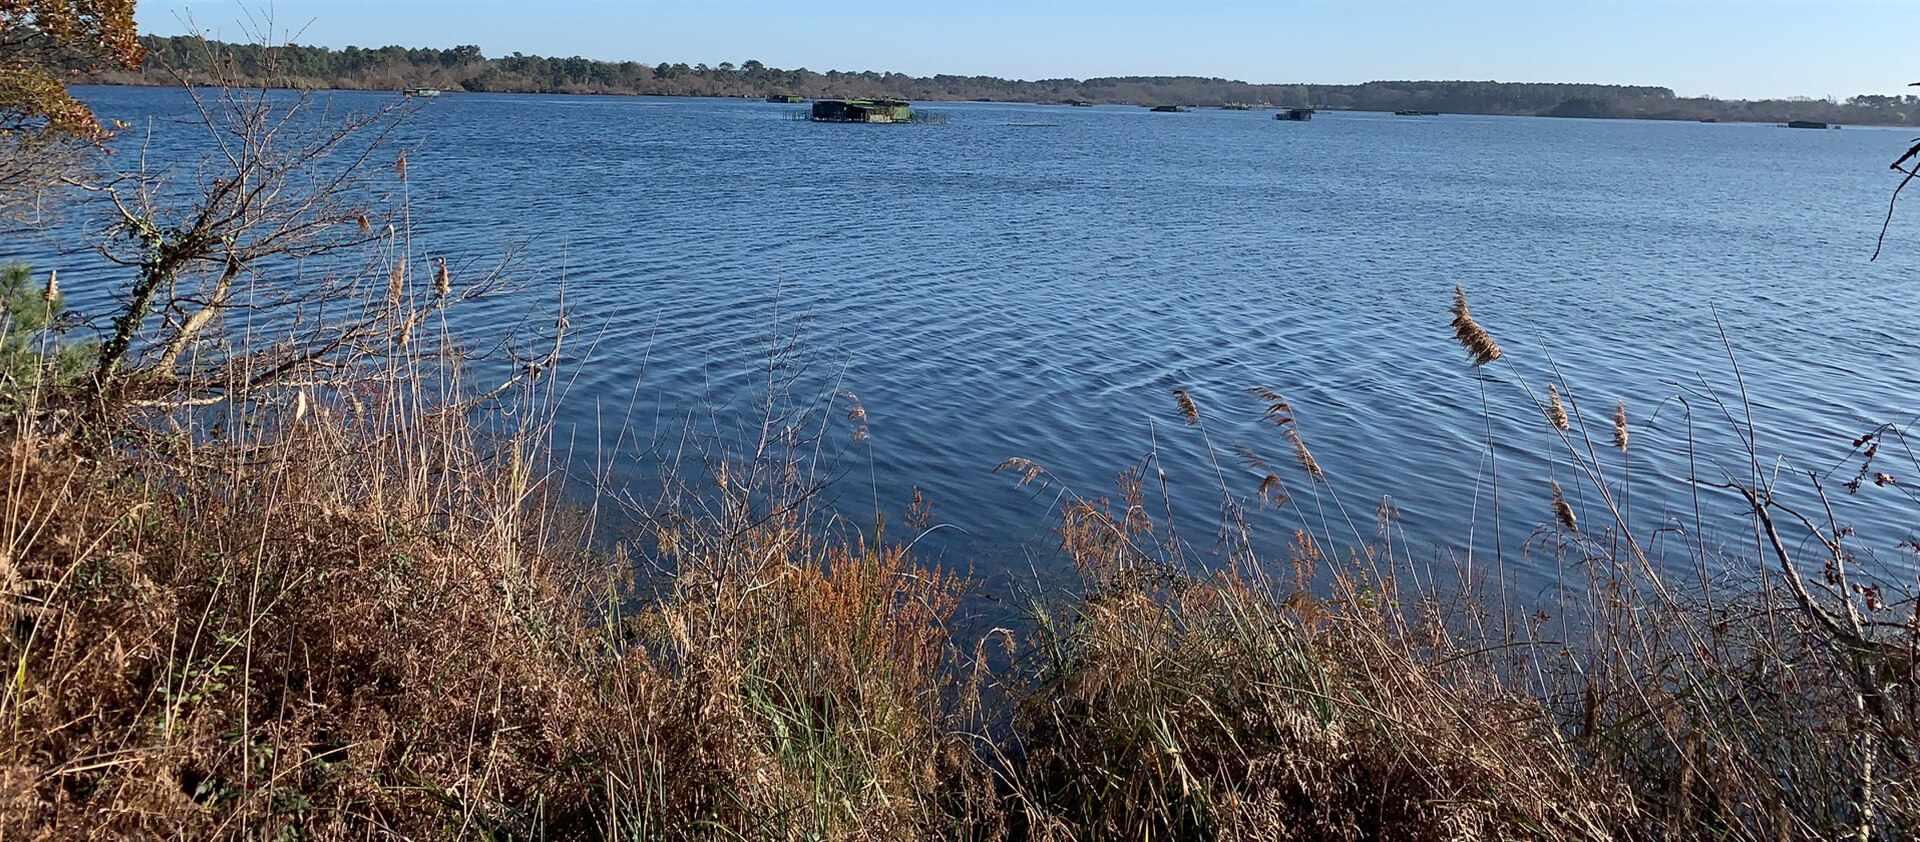 Piste cyclable en bordure de lac dans les Landes